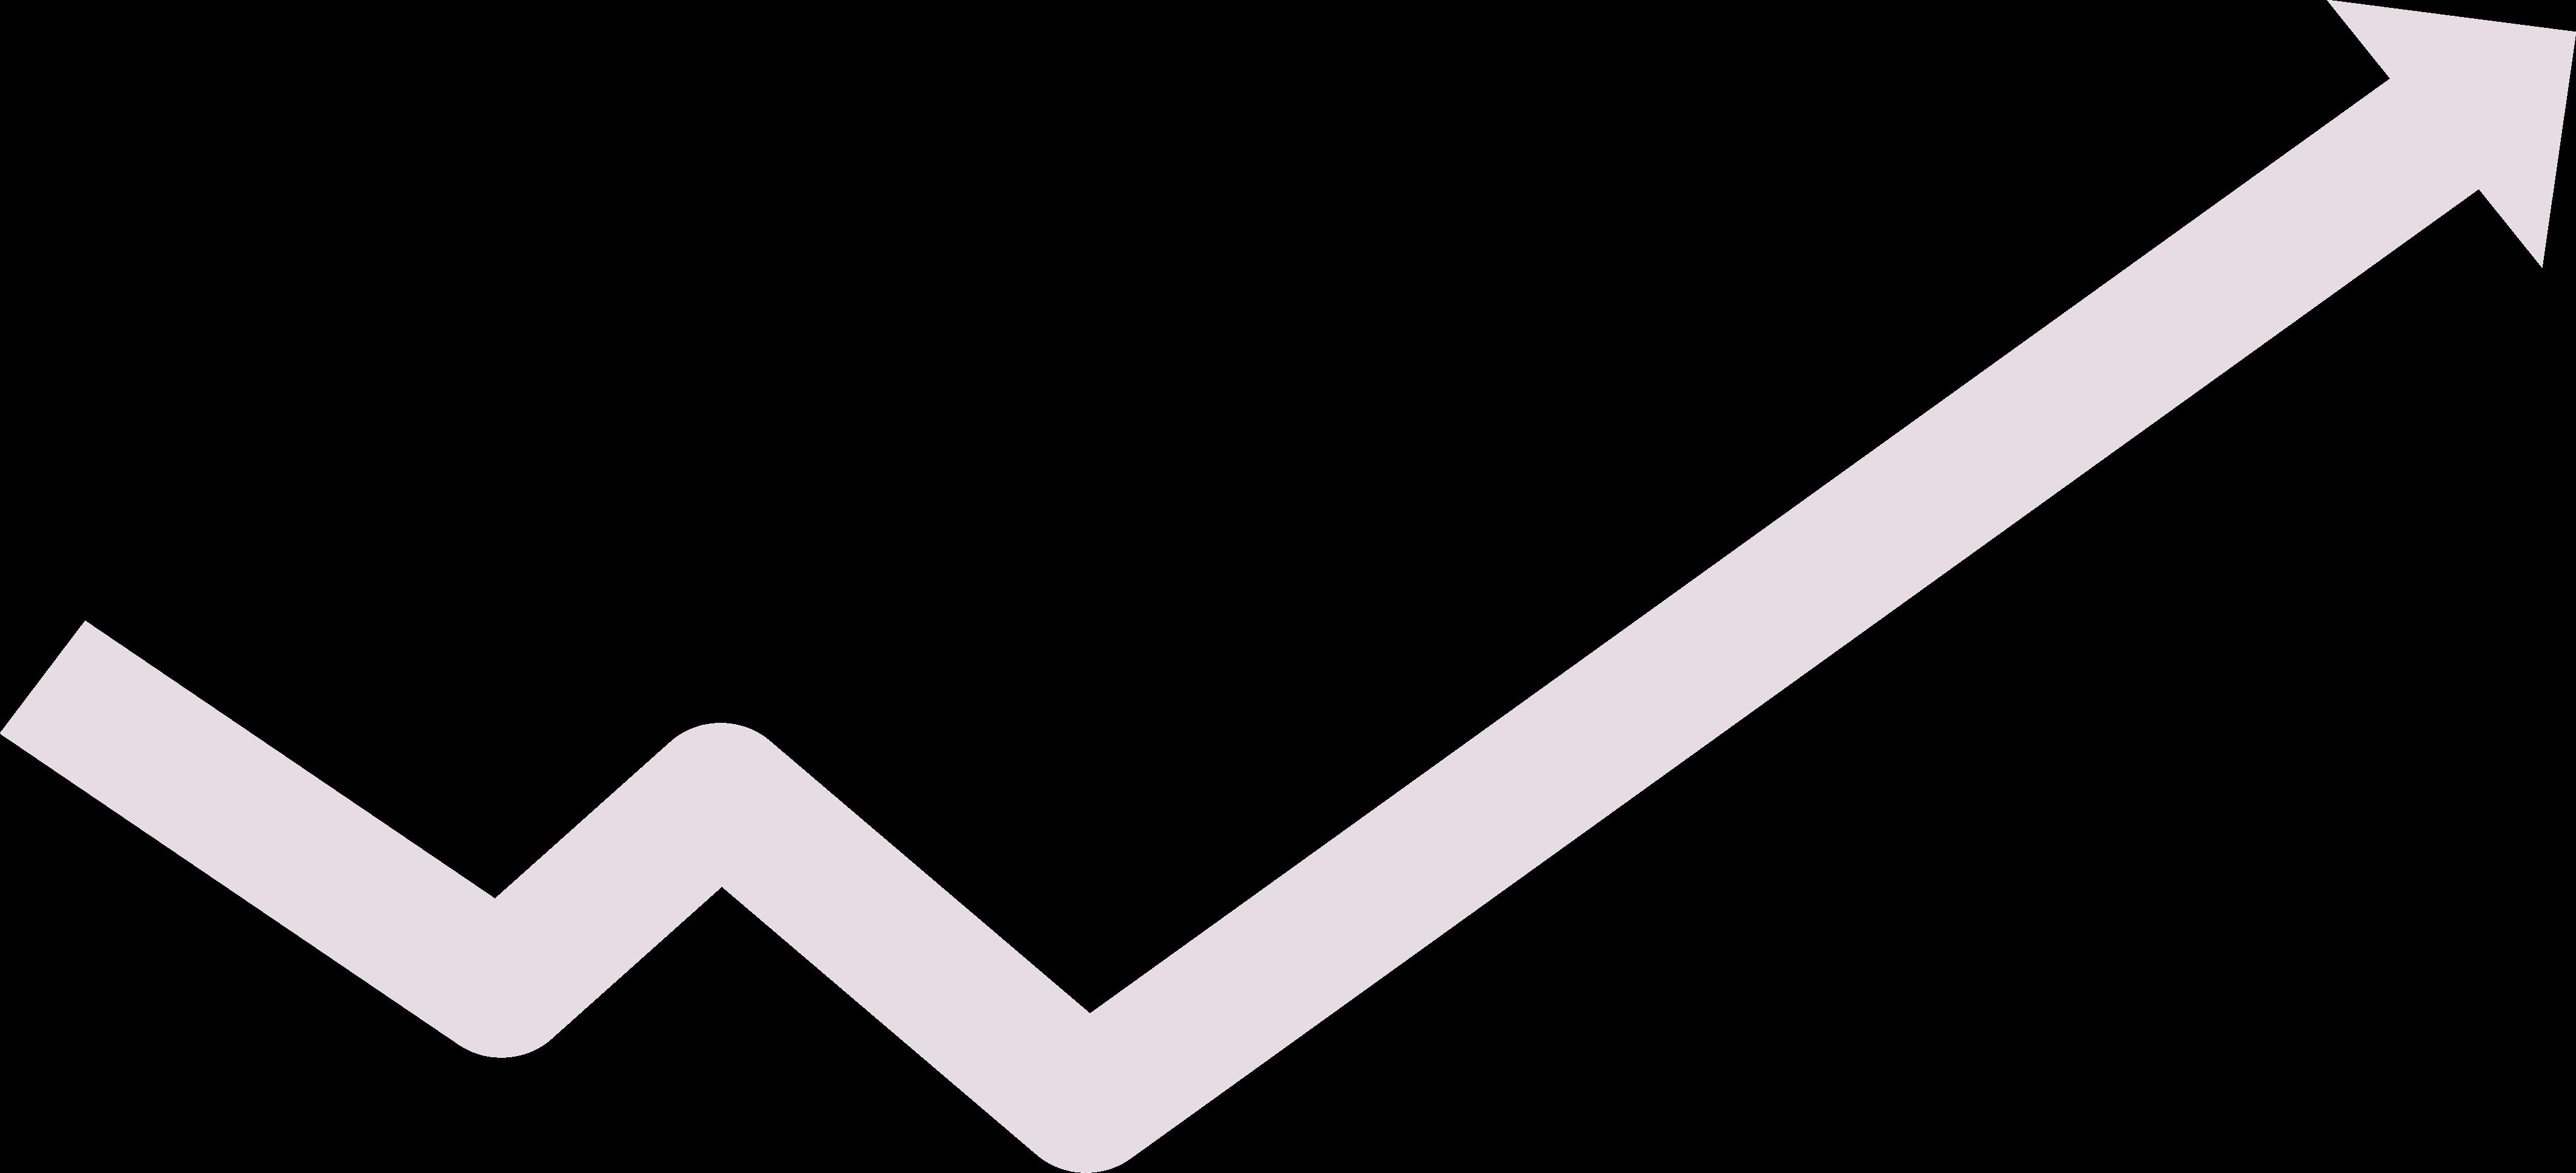 flecha simbolizando una grafica